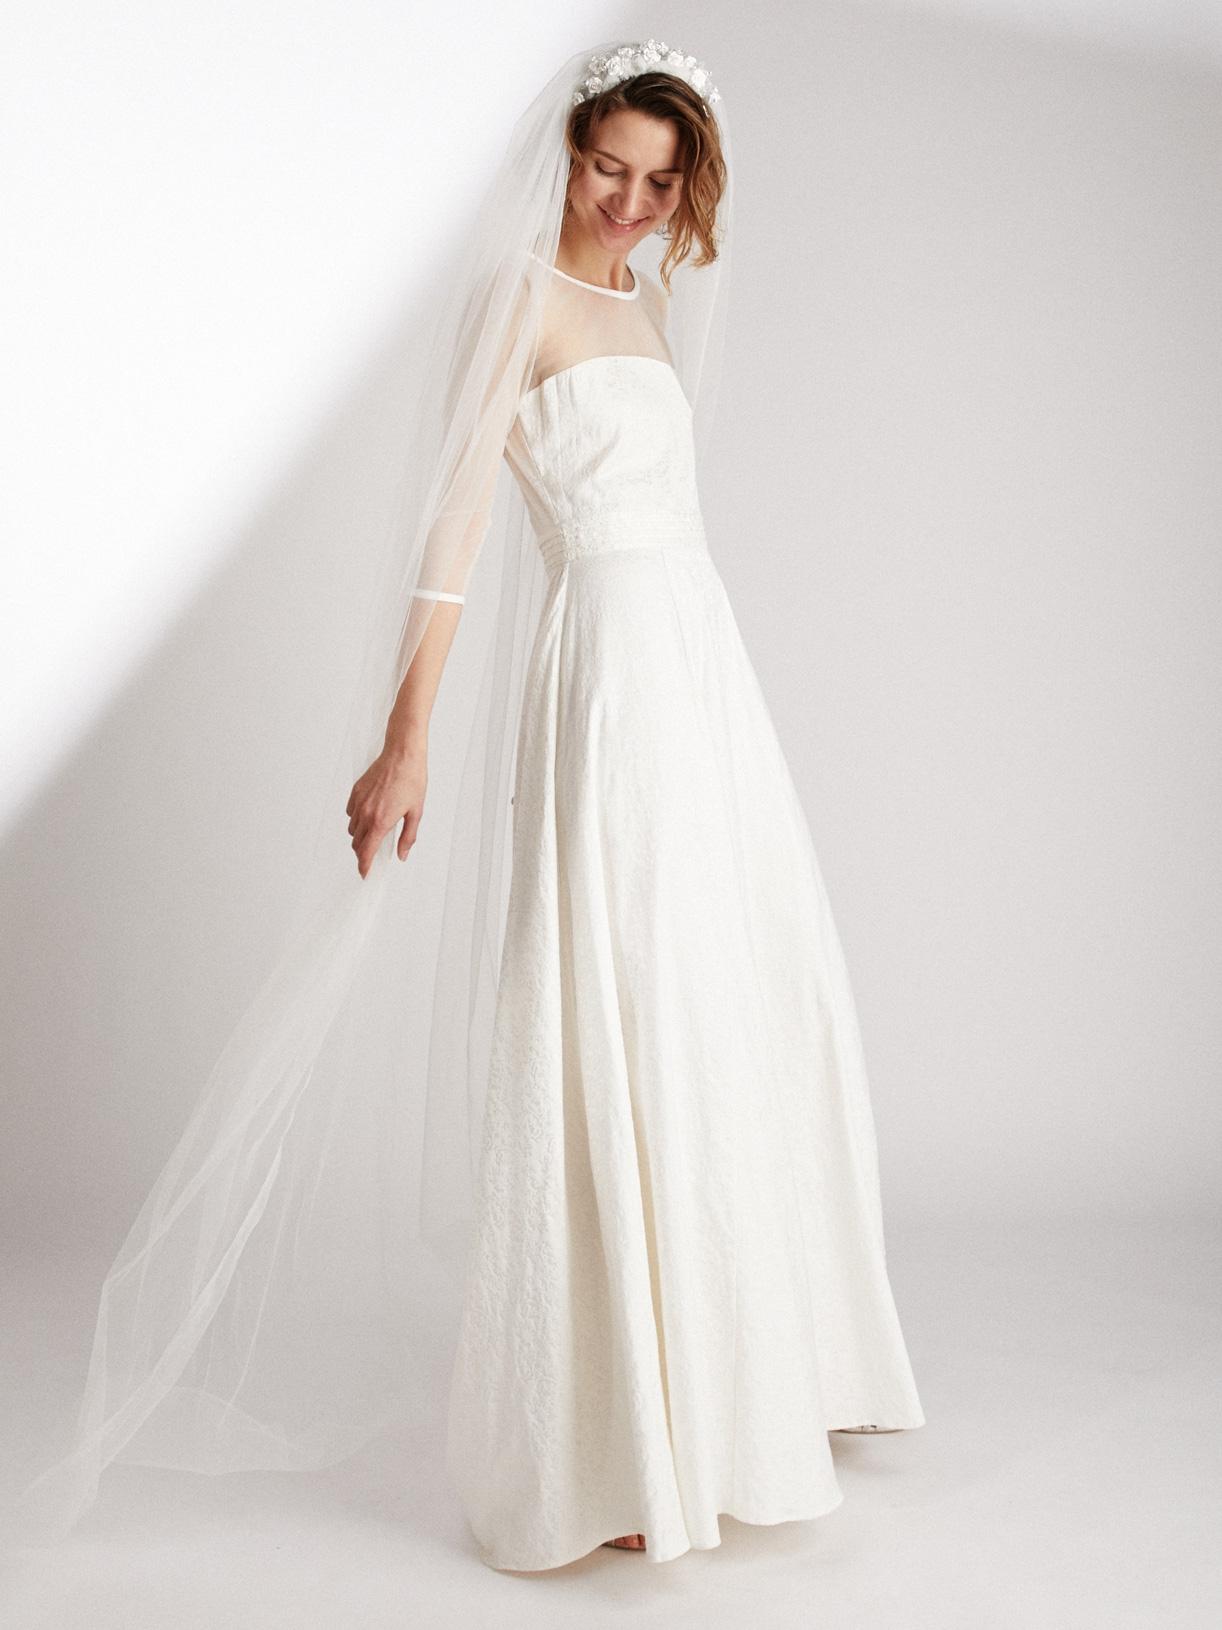 EDEN - Robe de mariée longue et romantique a manches longues ethique et sur-mesure - Myphilosophy